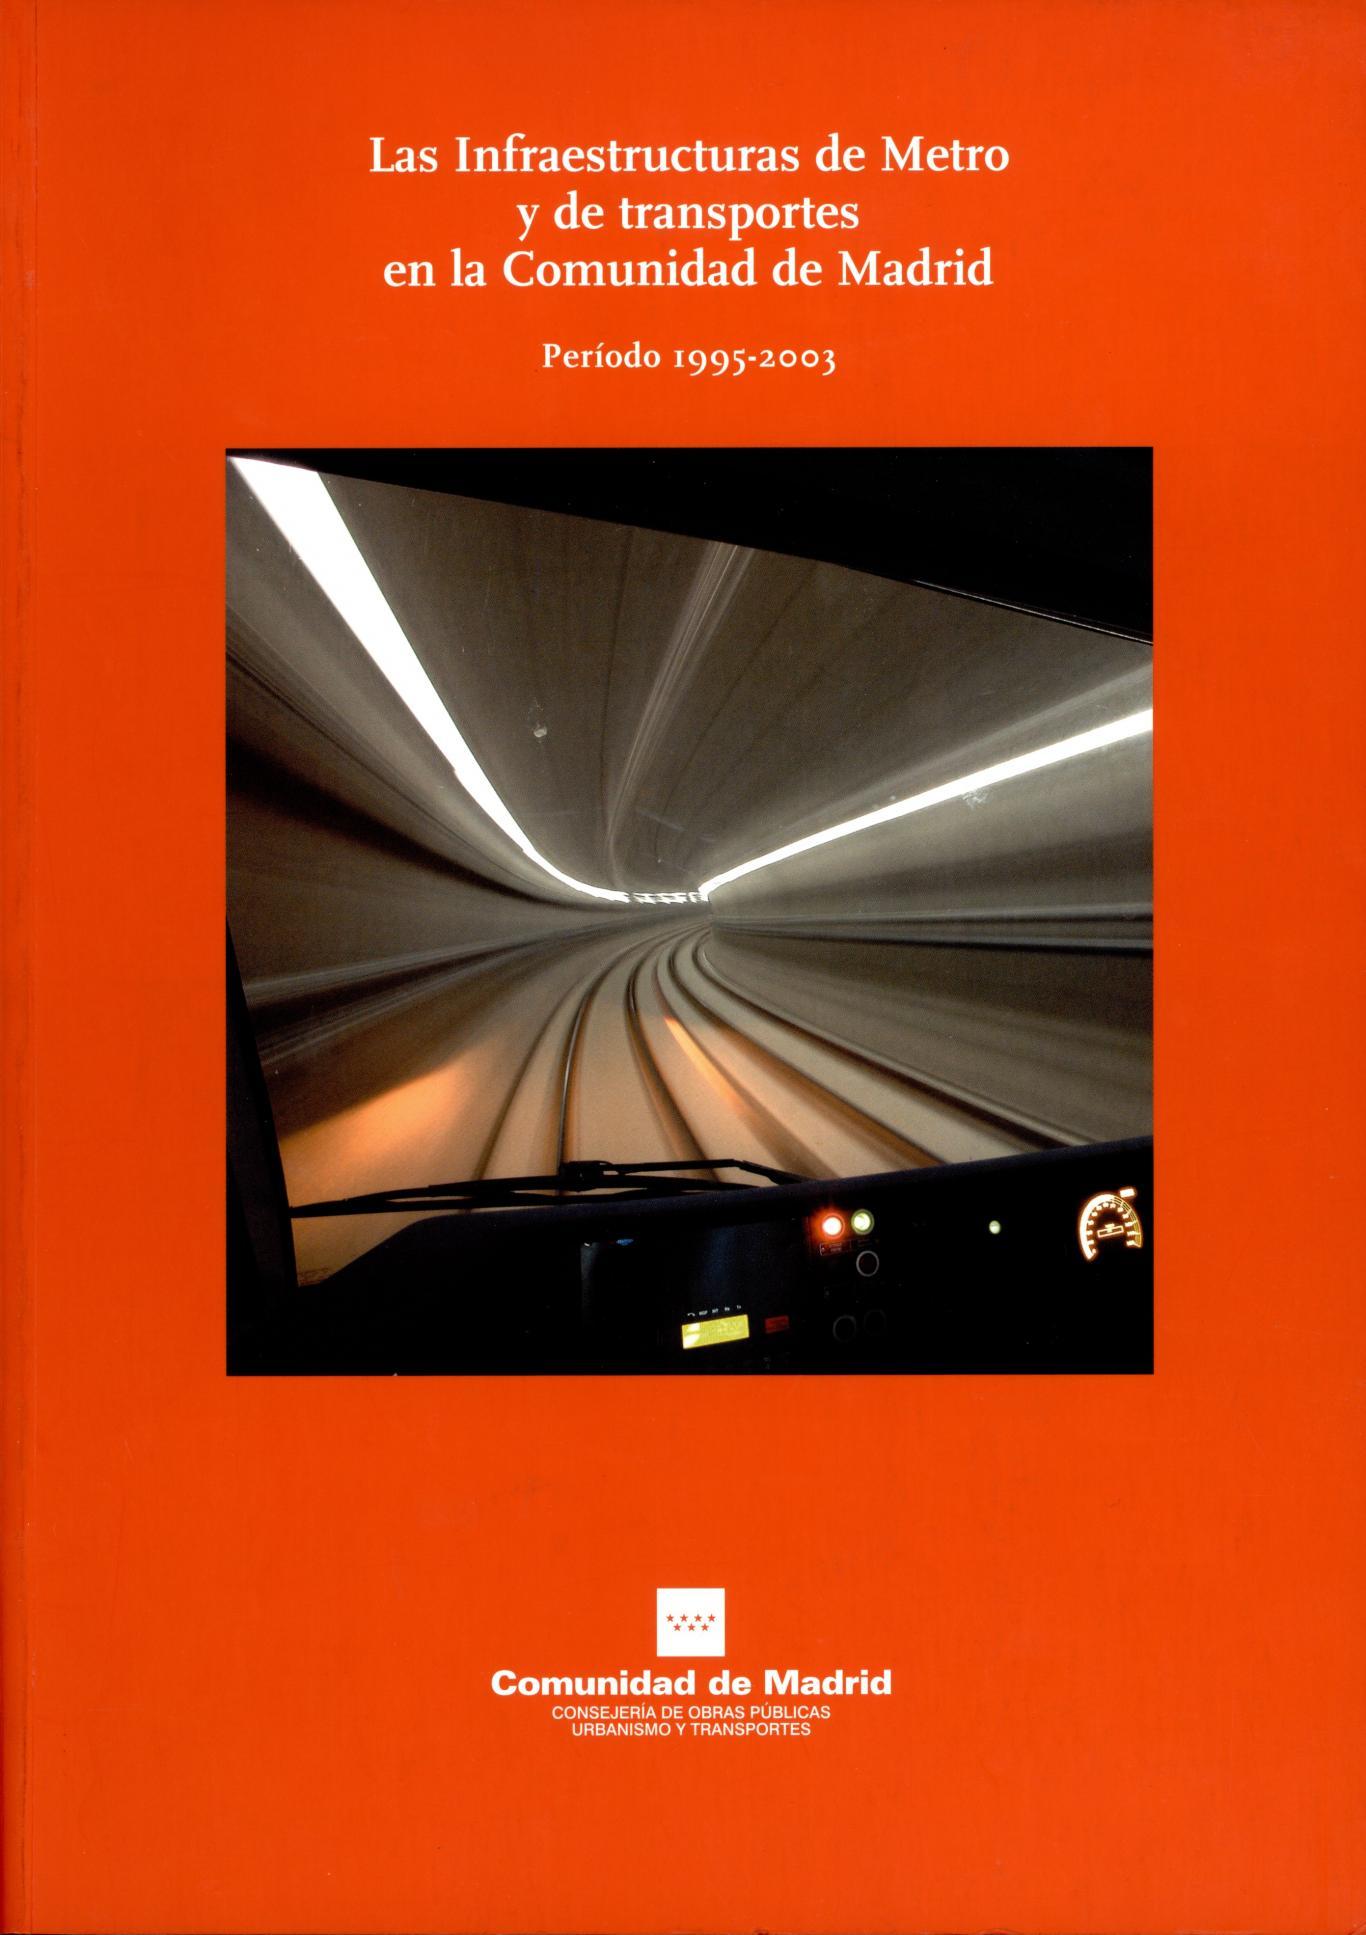 Portada libro Las infraestructuras de metro y de transportes en la Comunidad de Madrid